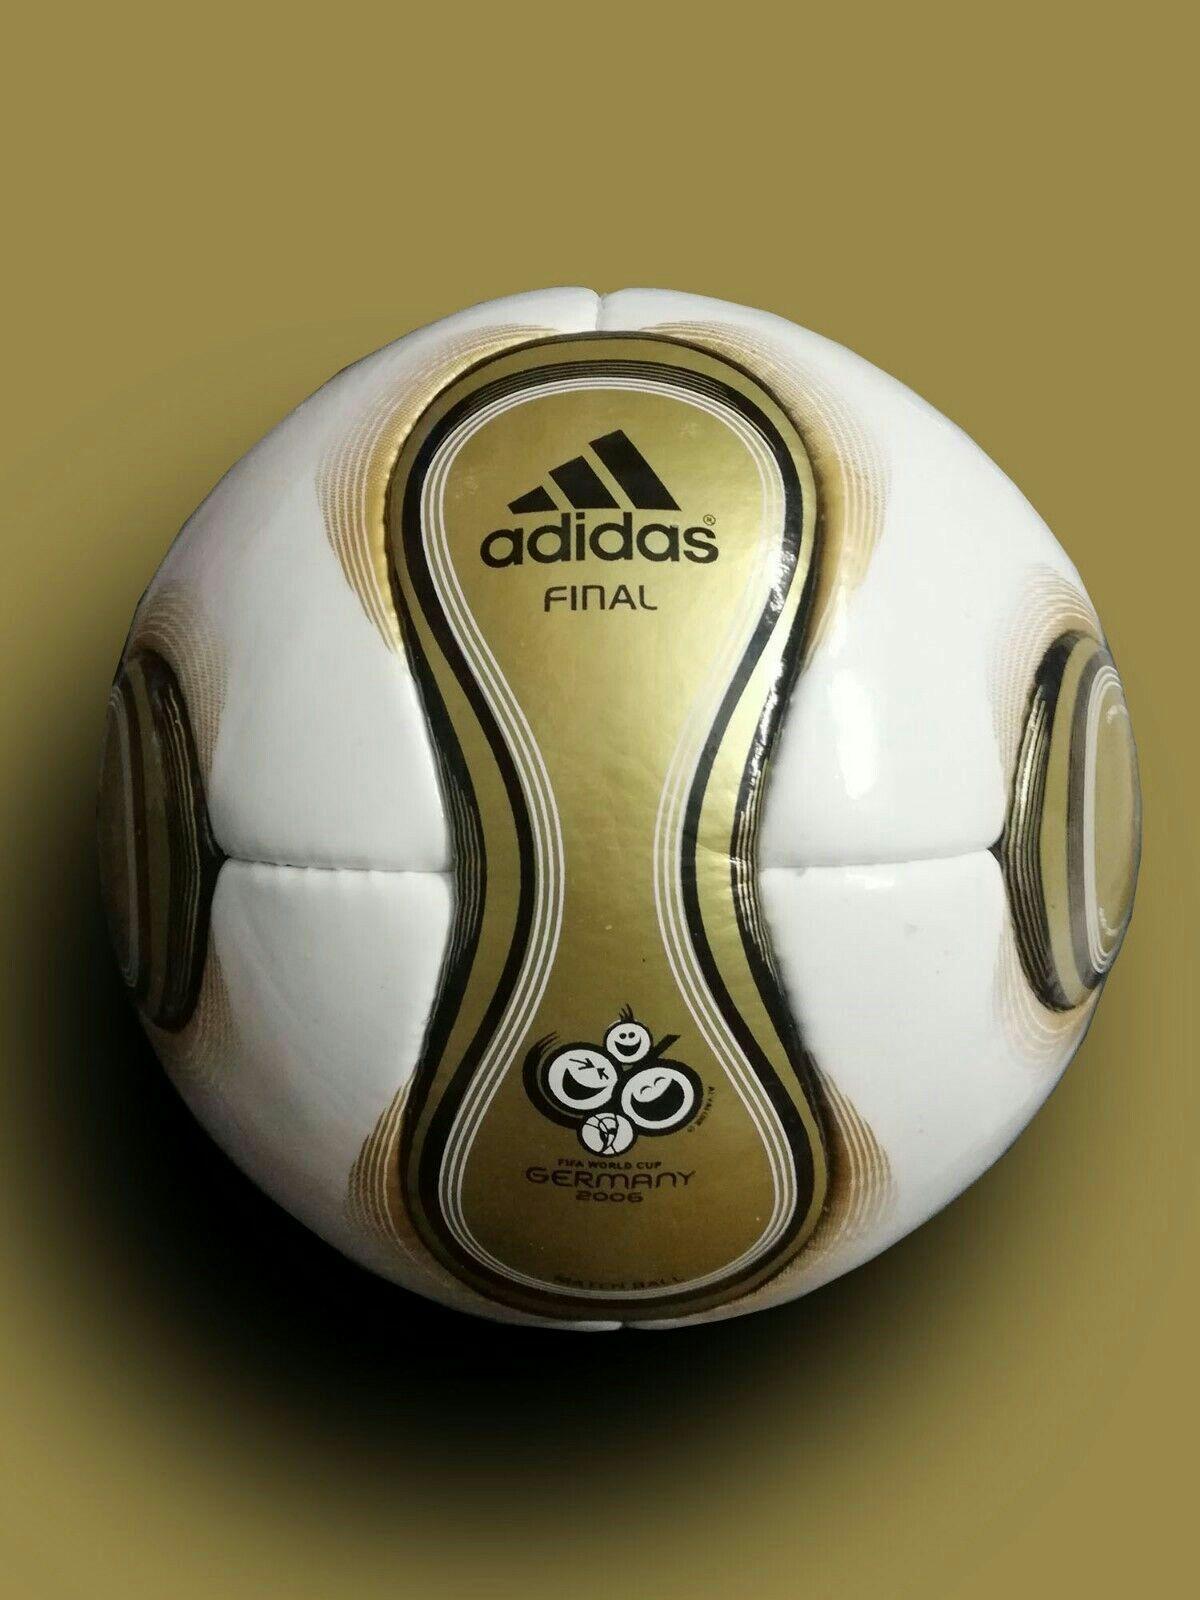 Fifa World Cup 2006 Final Match Ball